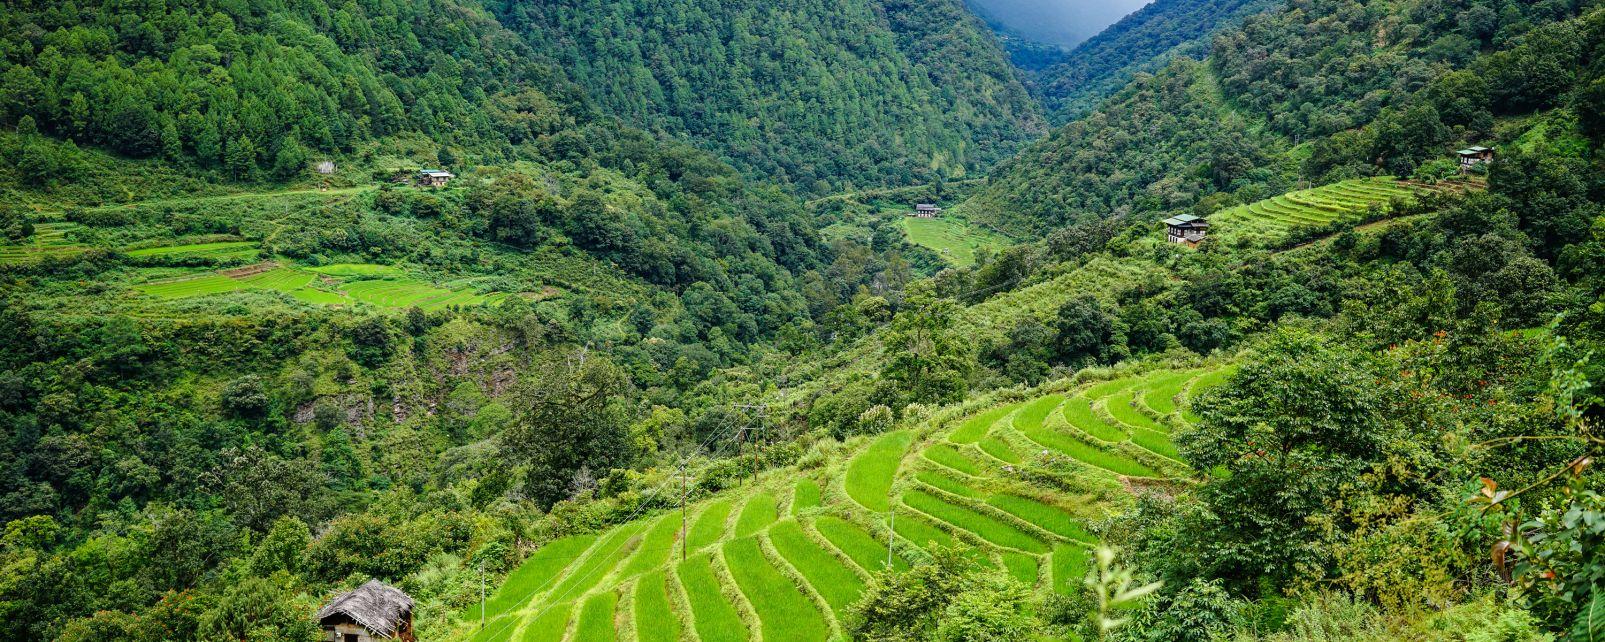 Le valli del centro, Le vallate del centro, I paesaggi, Bhutan